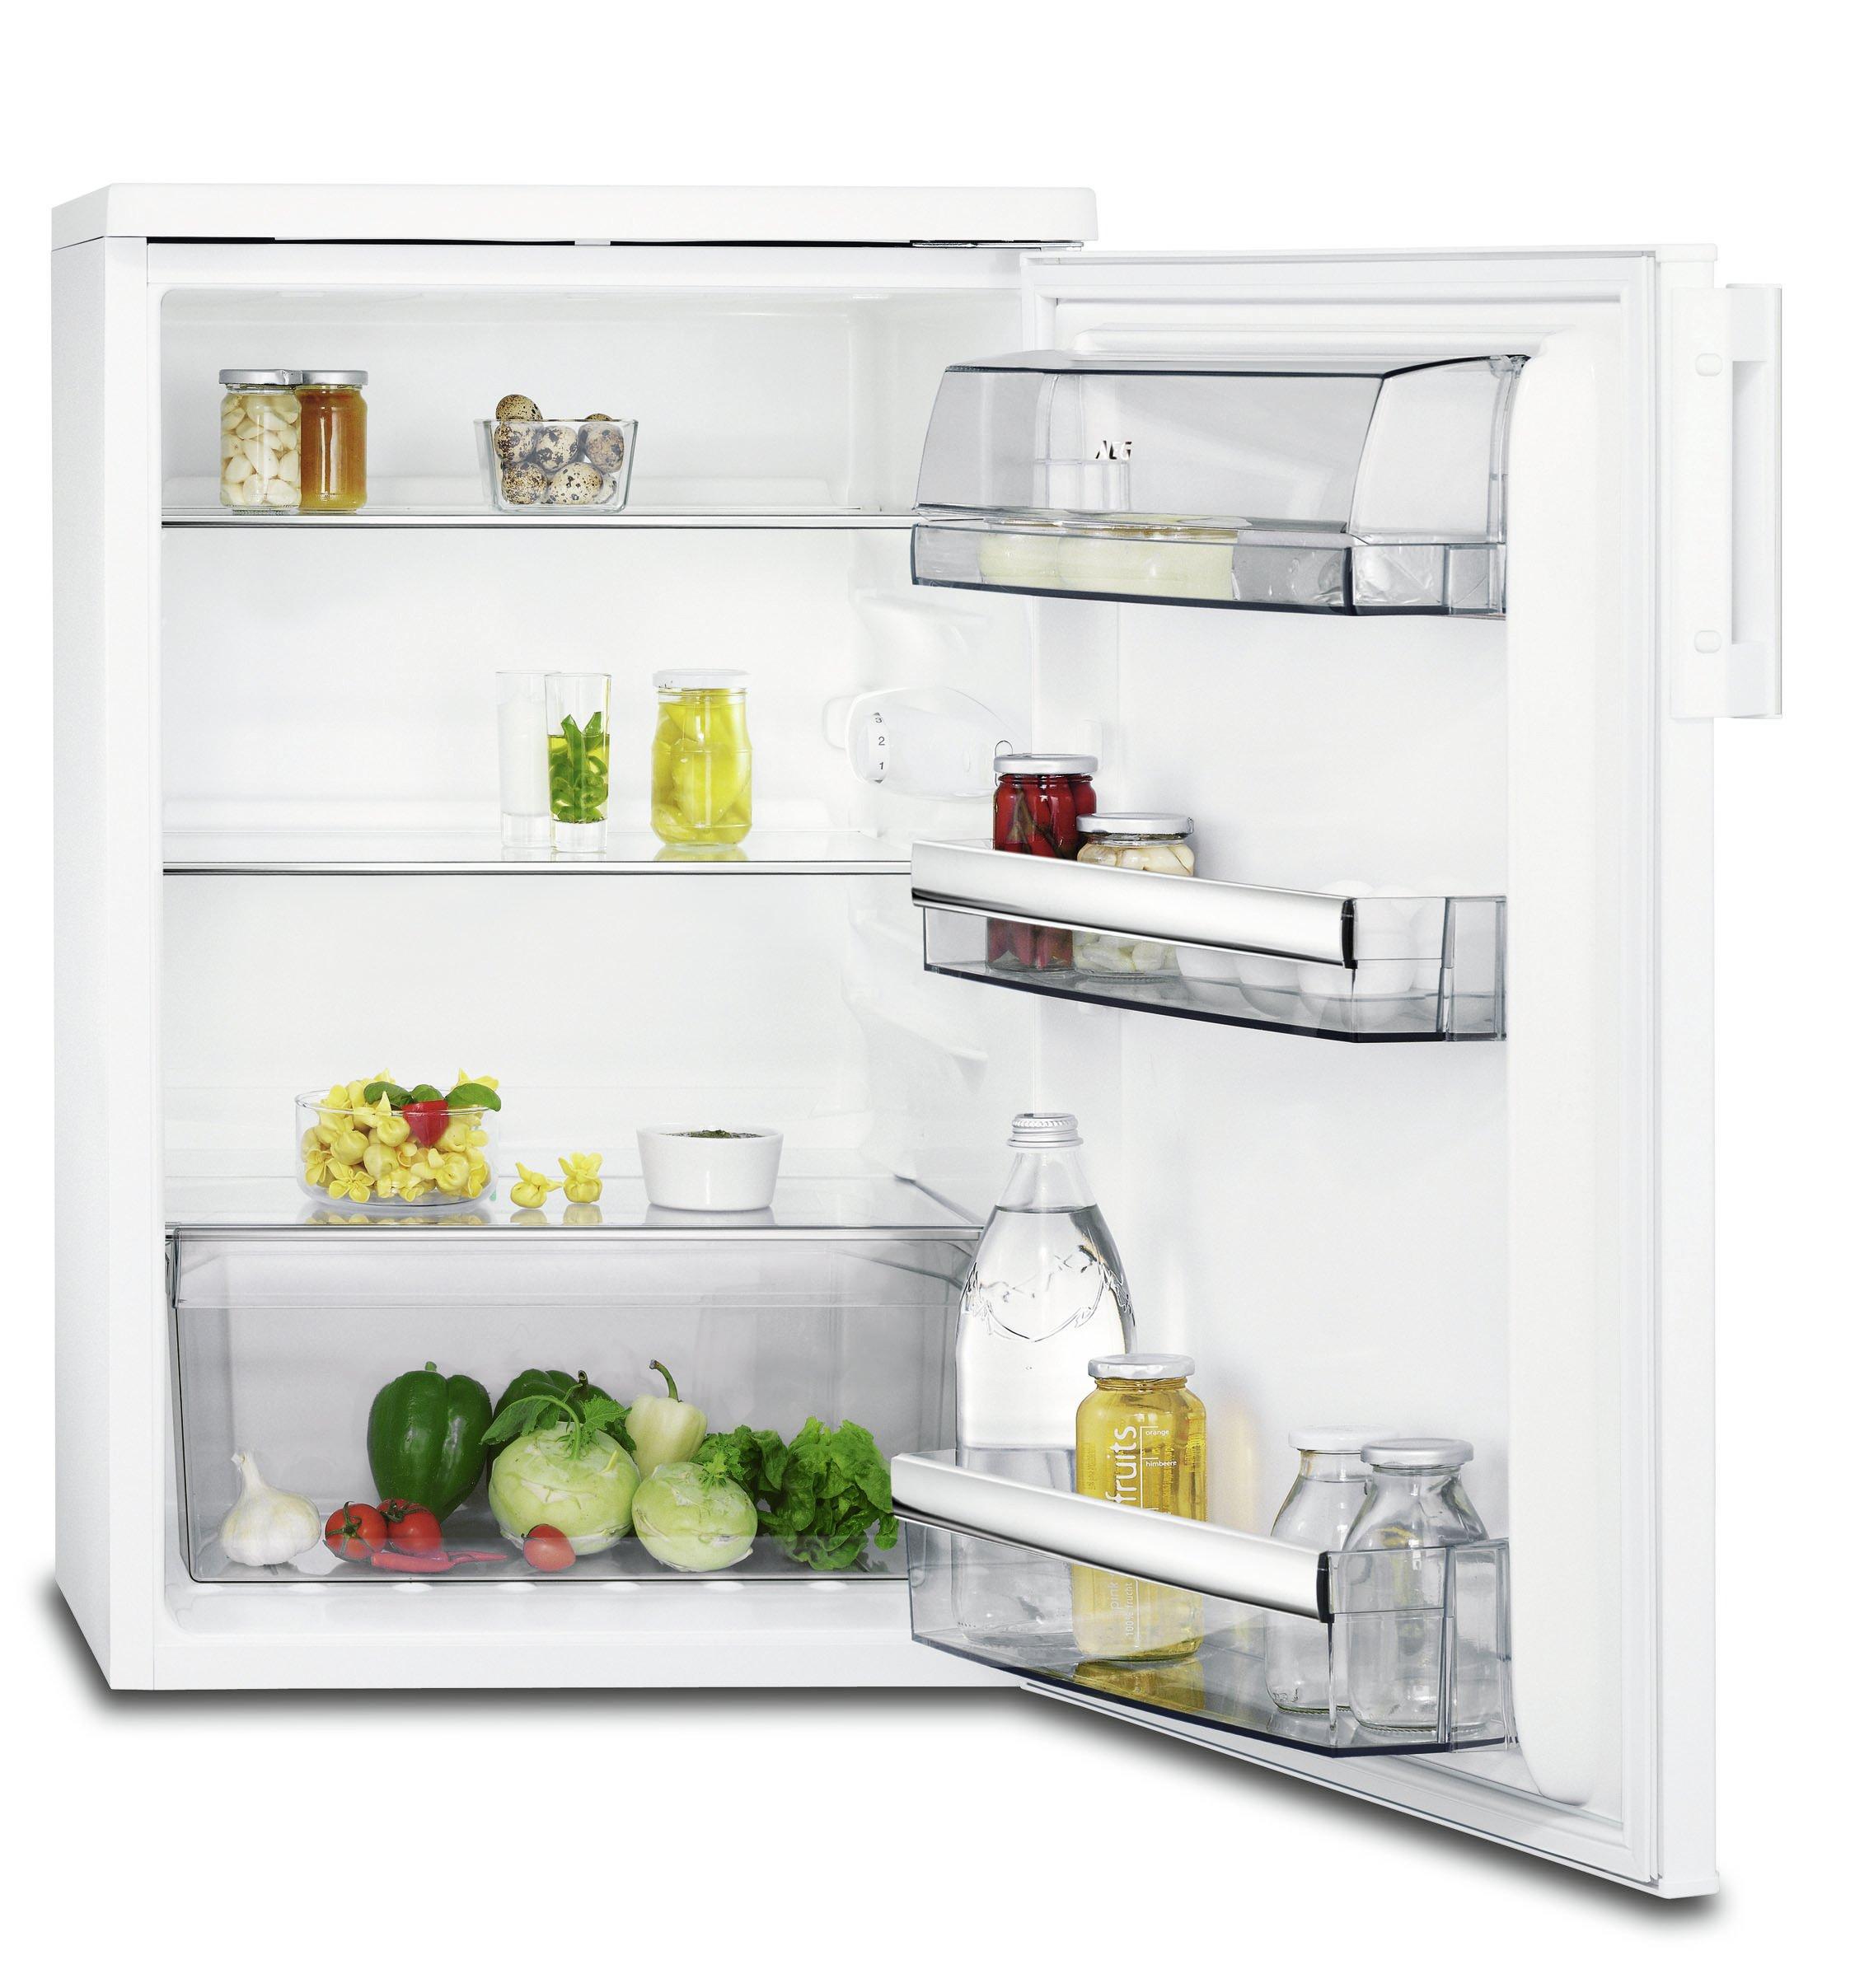 AEG RTB81521AW Kühlschrank mit Glasablagen / freistehender ...